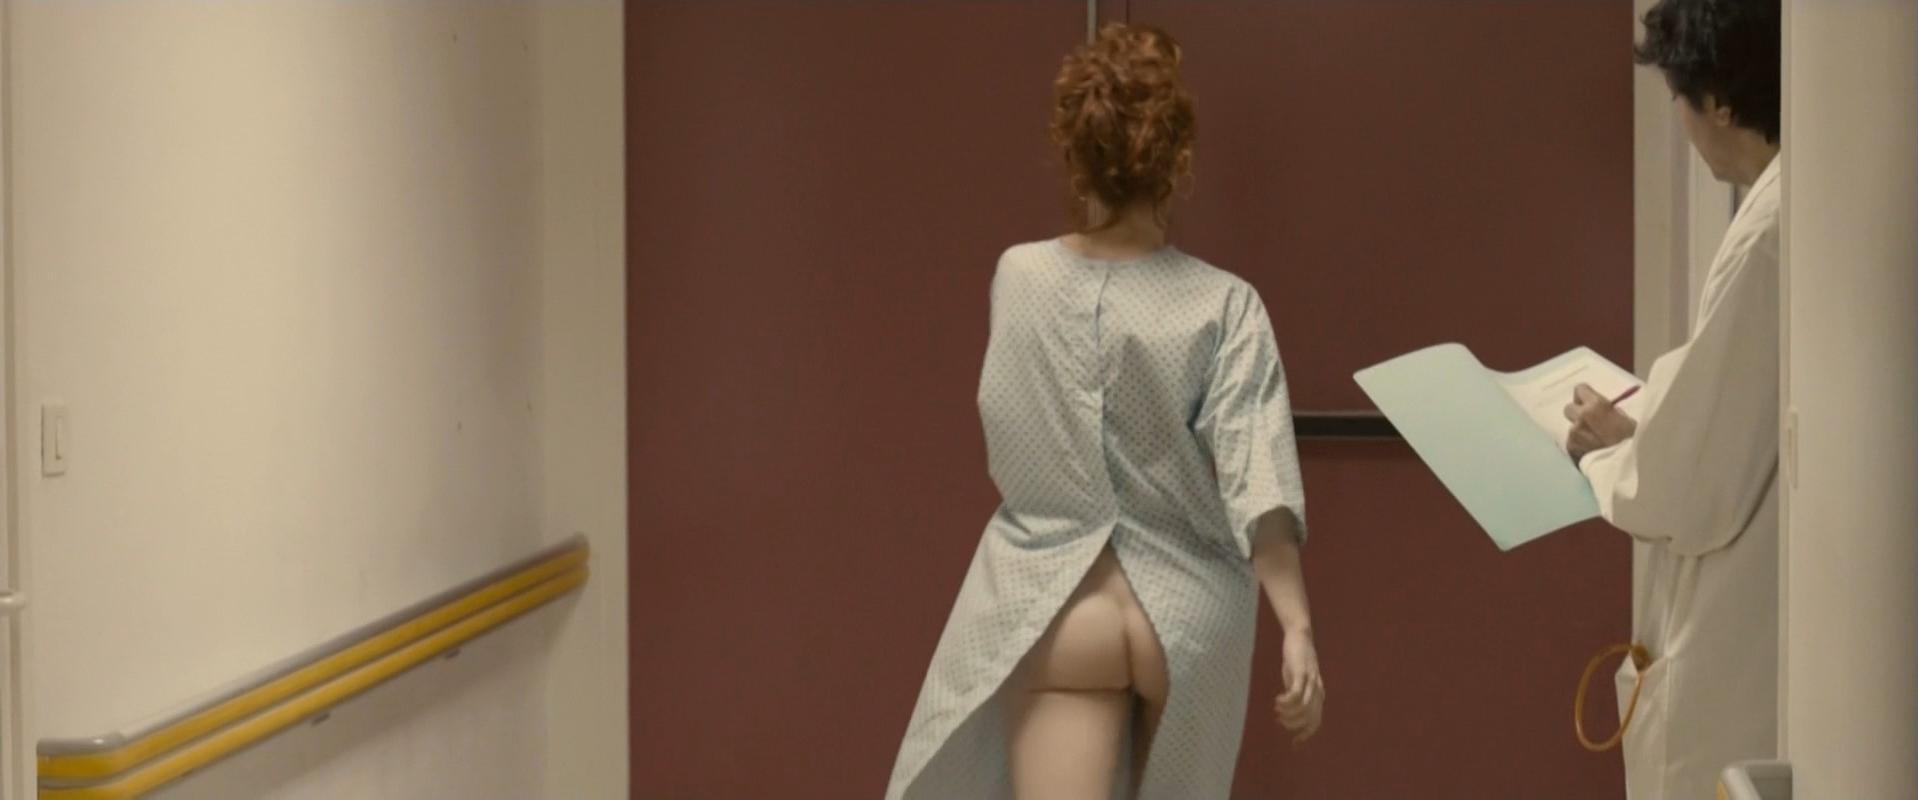 Audrey Fleurot nude - Les reines du ring (2013)